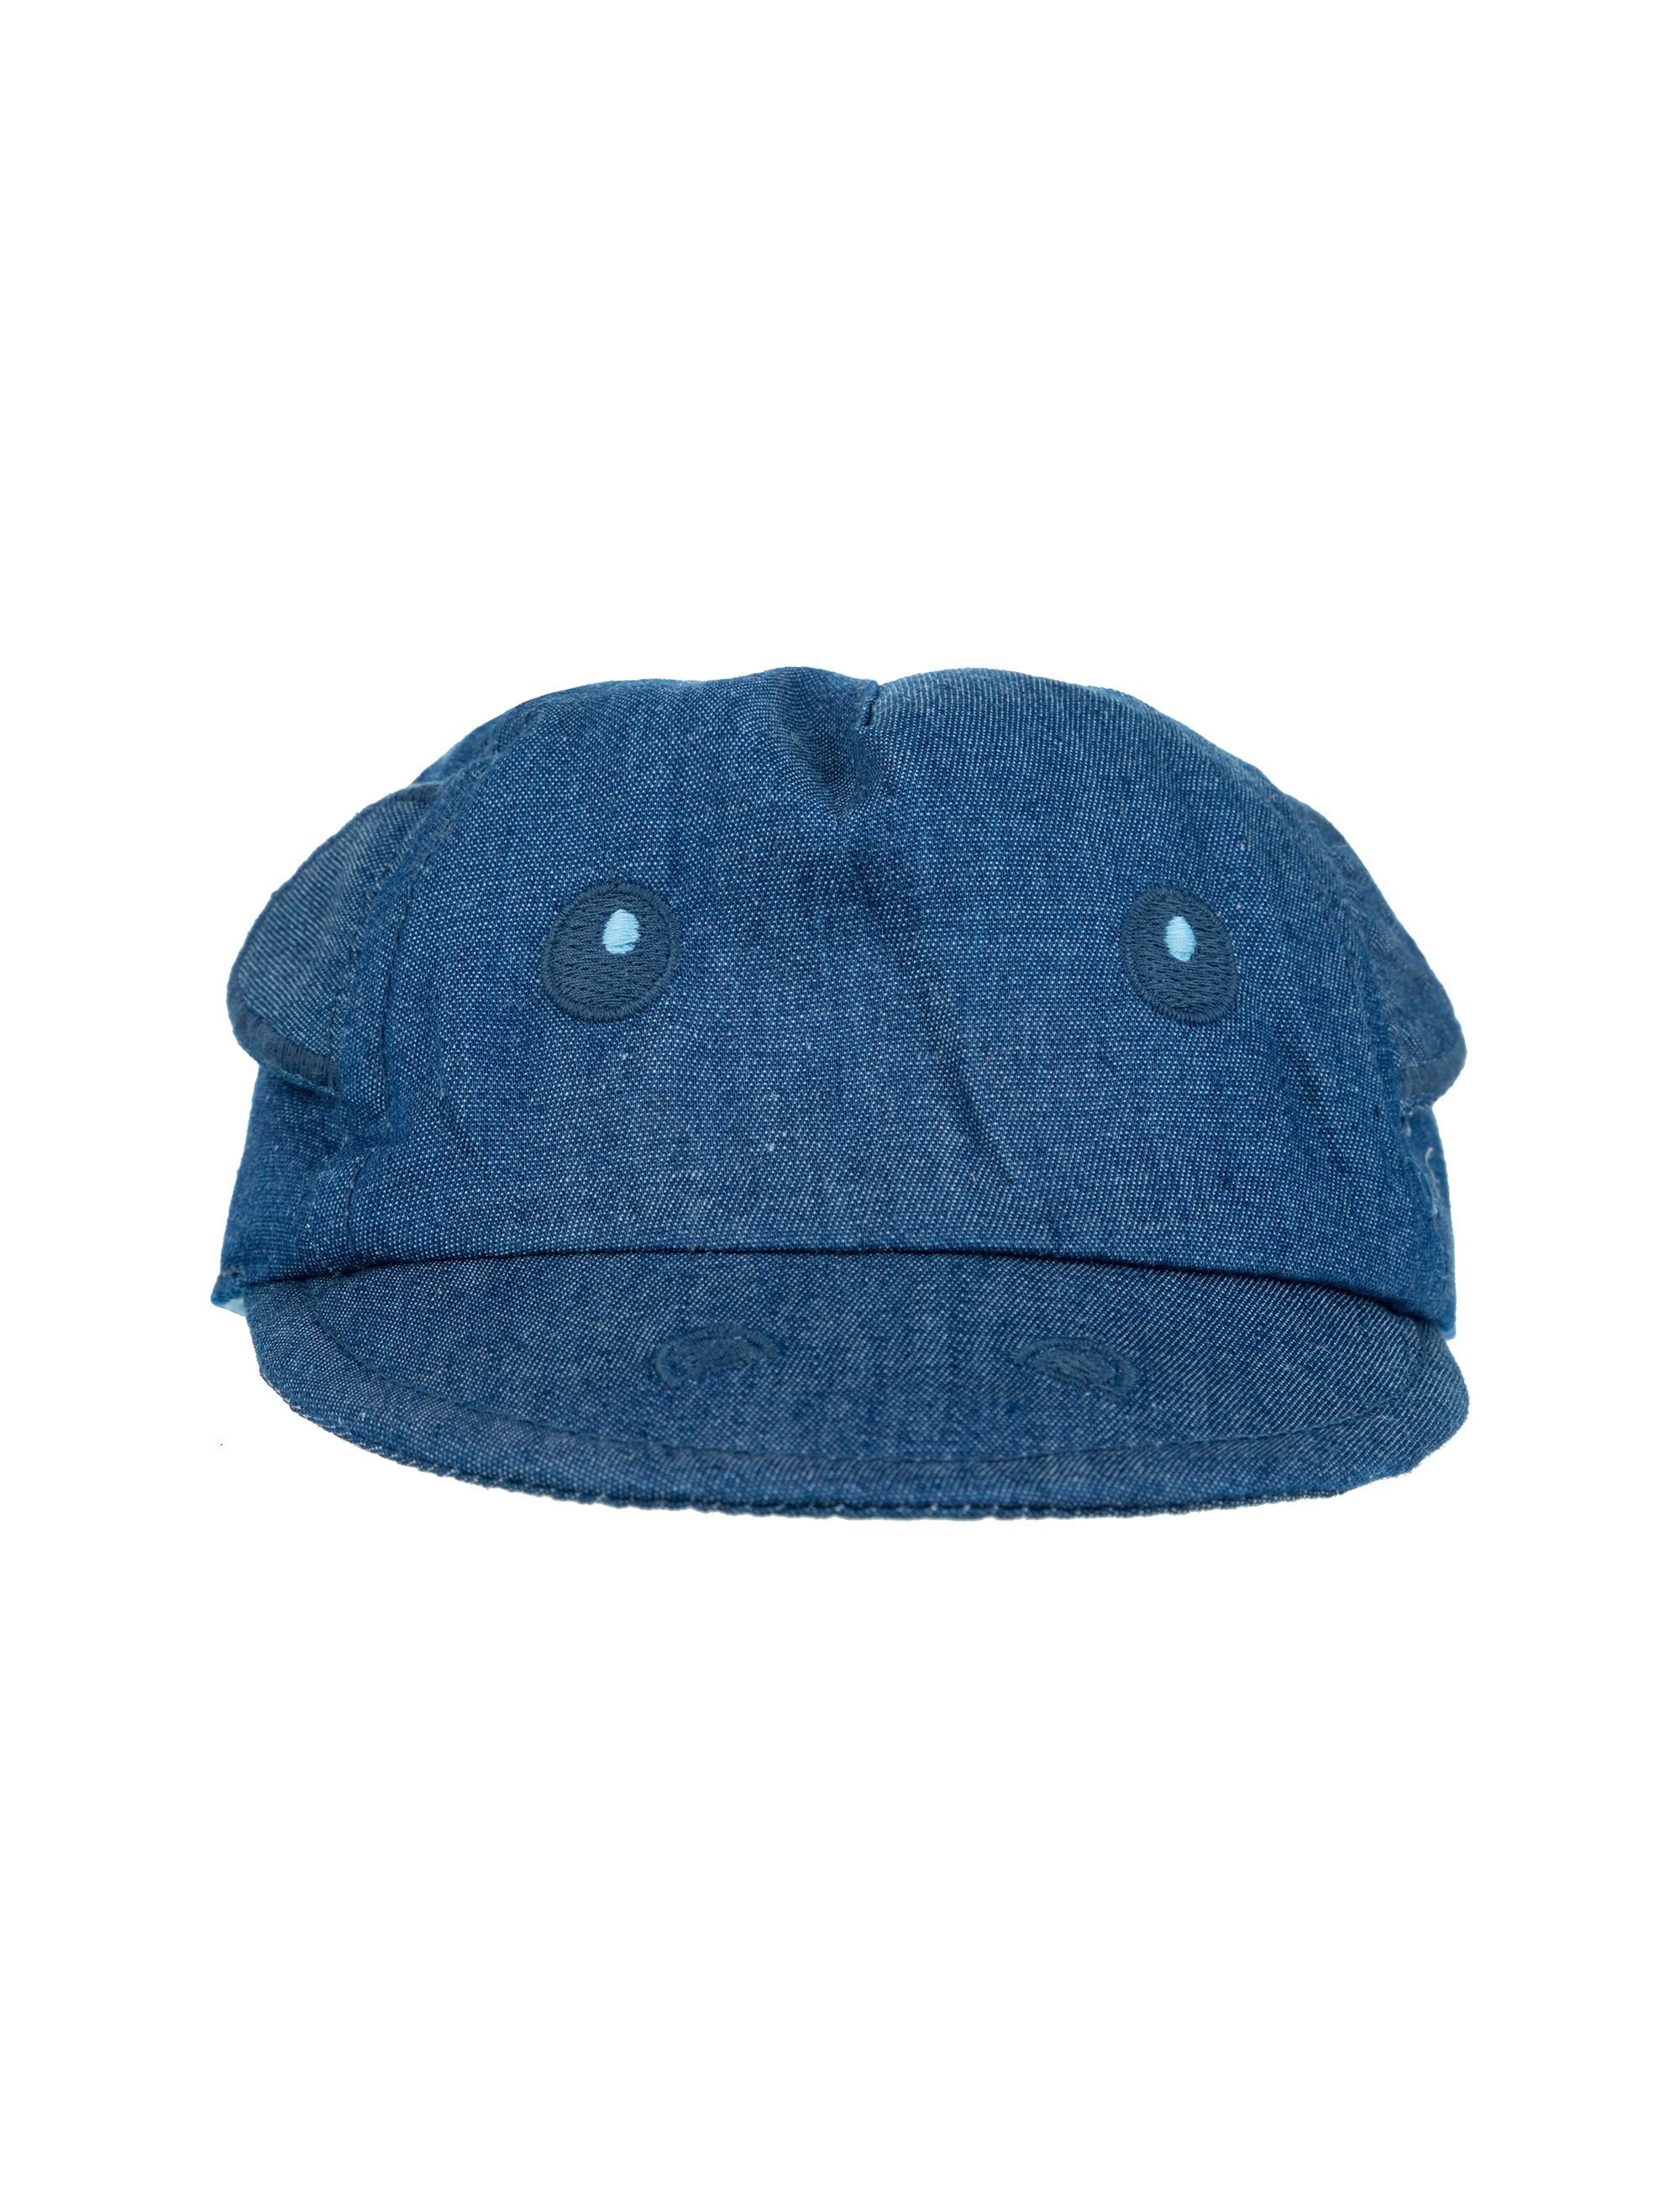 کلاه نخی پسرانه - بلوکیدز - آبي - 1